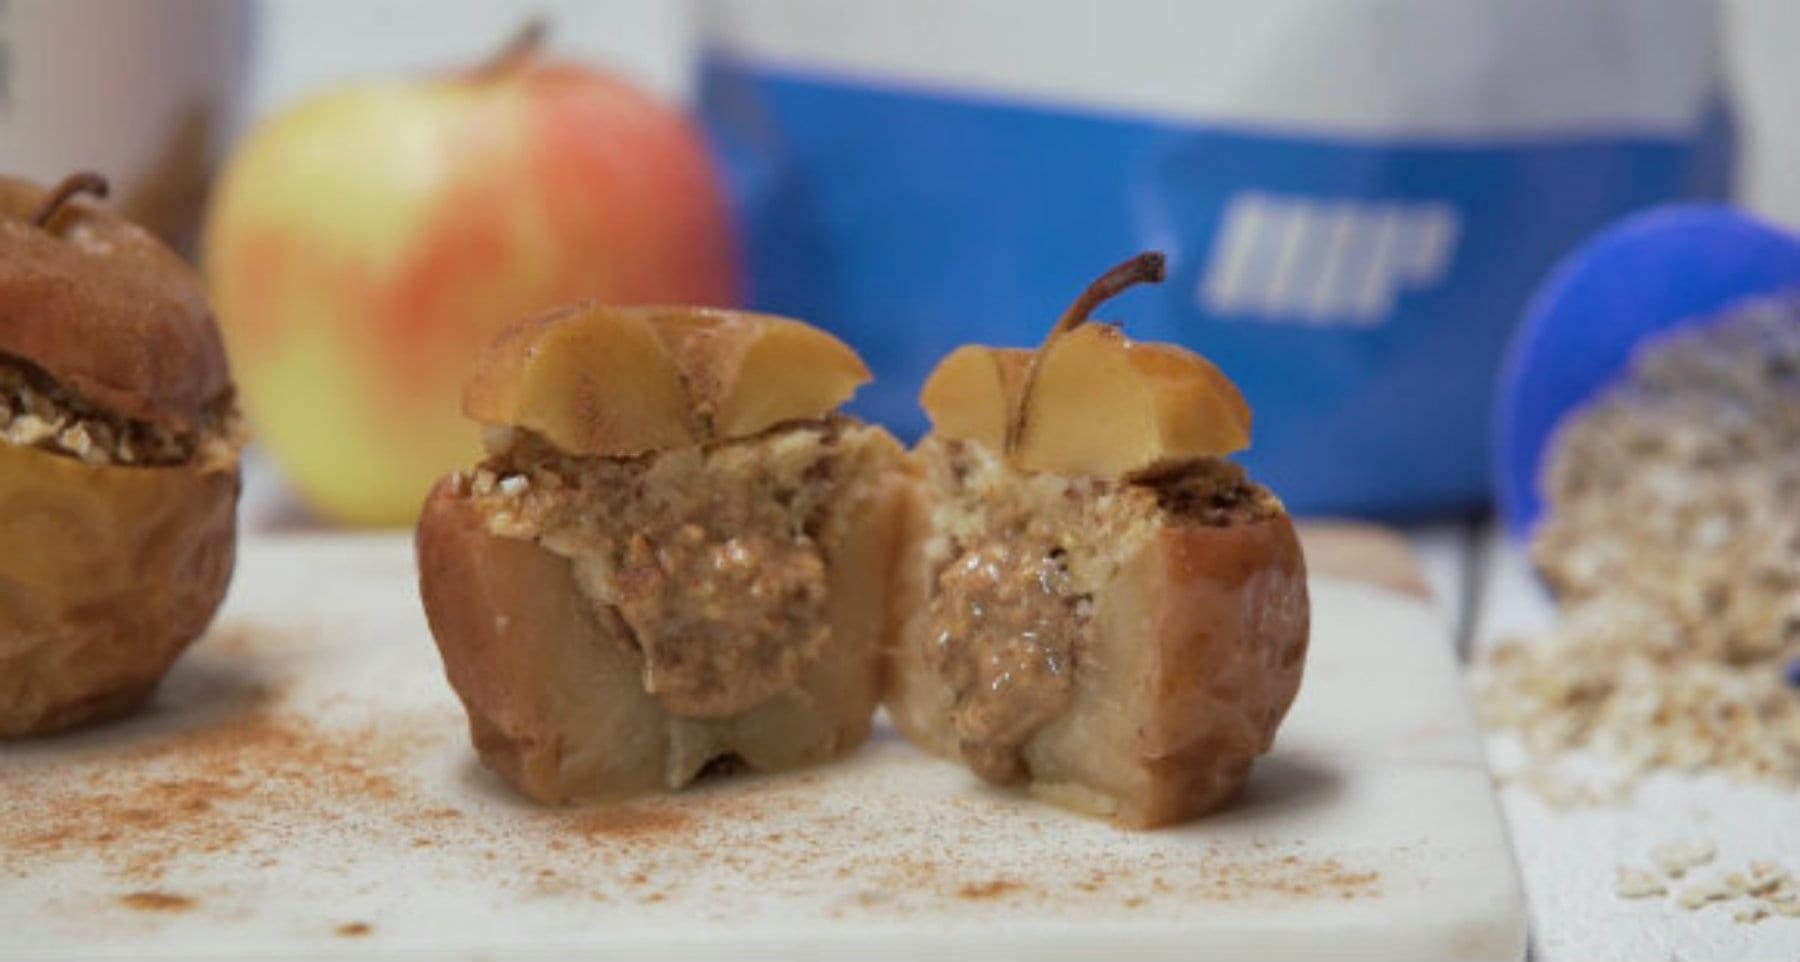 14 köstliche Erdnussbutter Rezepte, die deine Obsession befriedigen werden